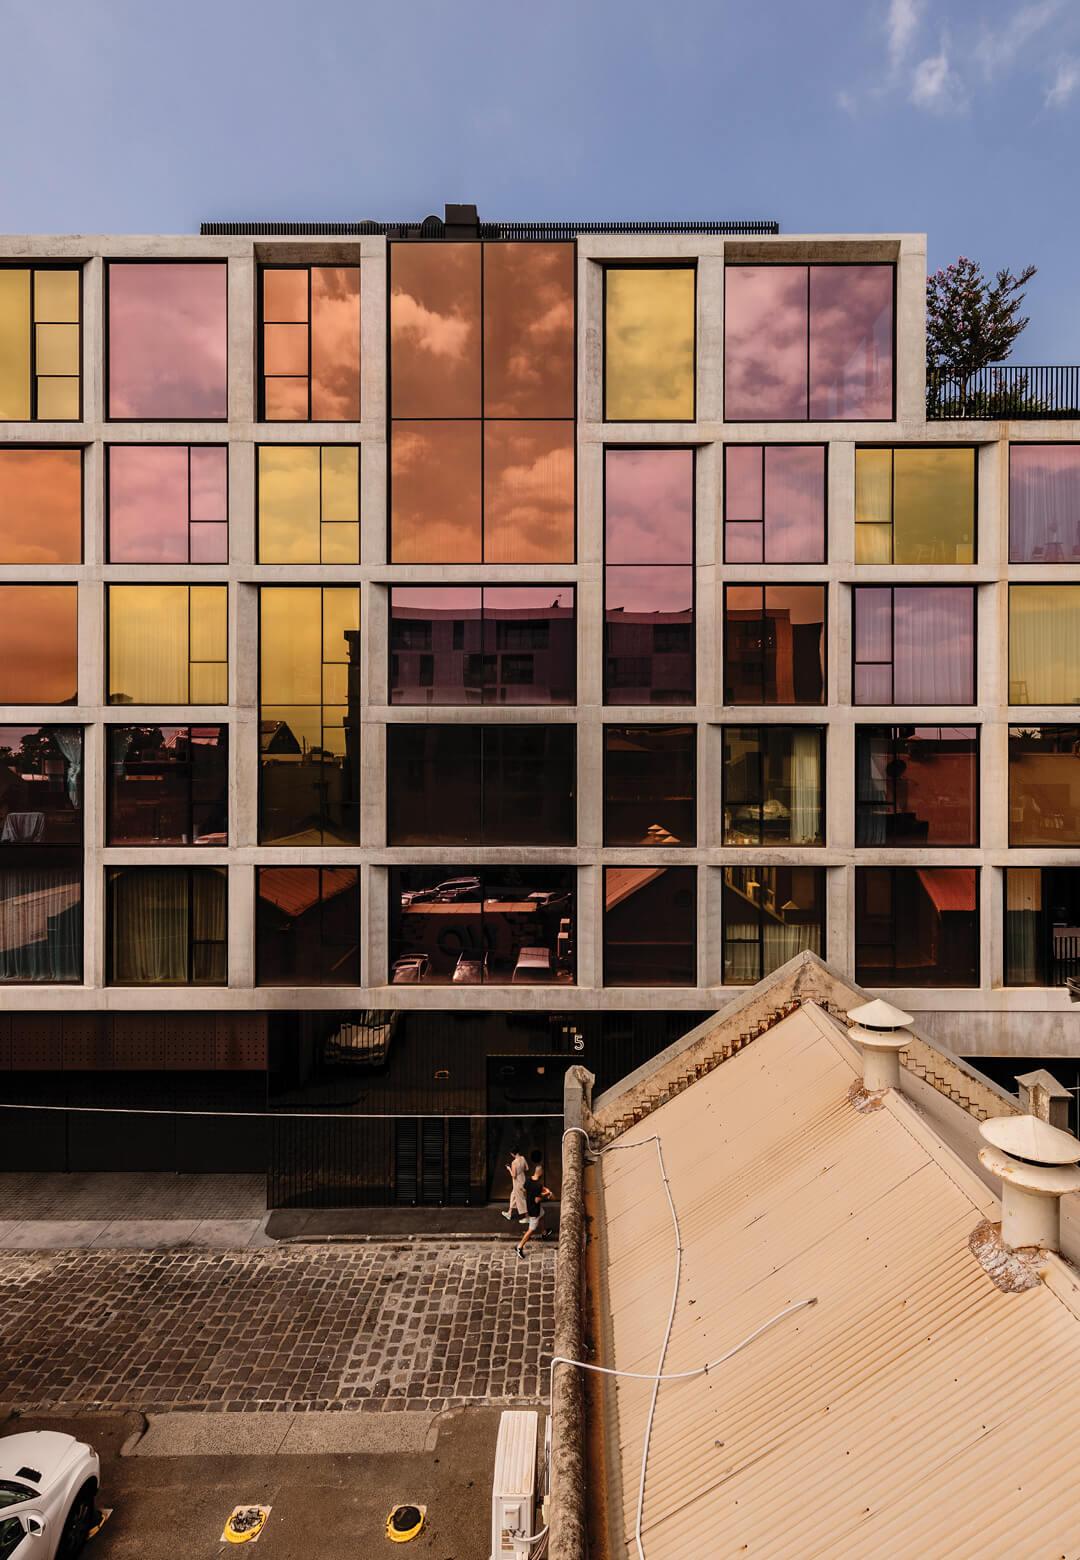 Piccolo House in South Melbourne, Australia designed by Wood Marsh | Piccolo House by Wood Marsh | STIRworld